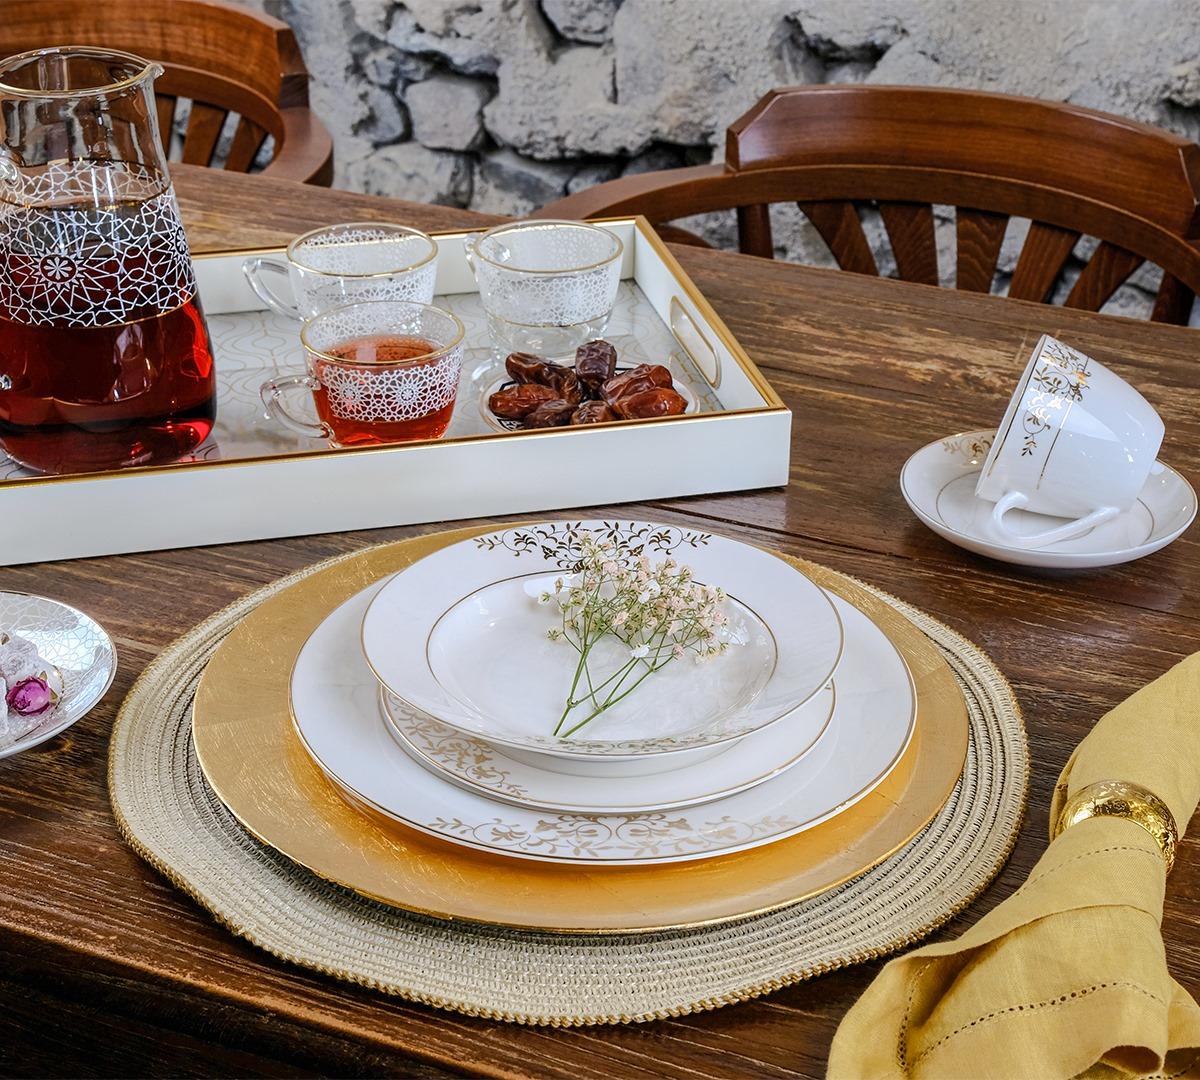 رد تاغ تكشف عن خمس طرق مثالية لتنسيق موائد الإفطار والعيد